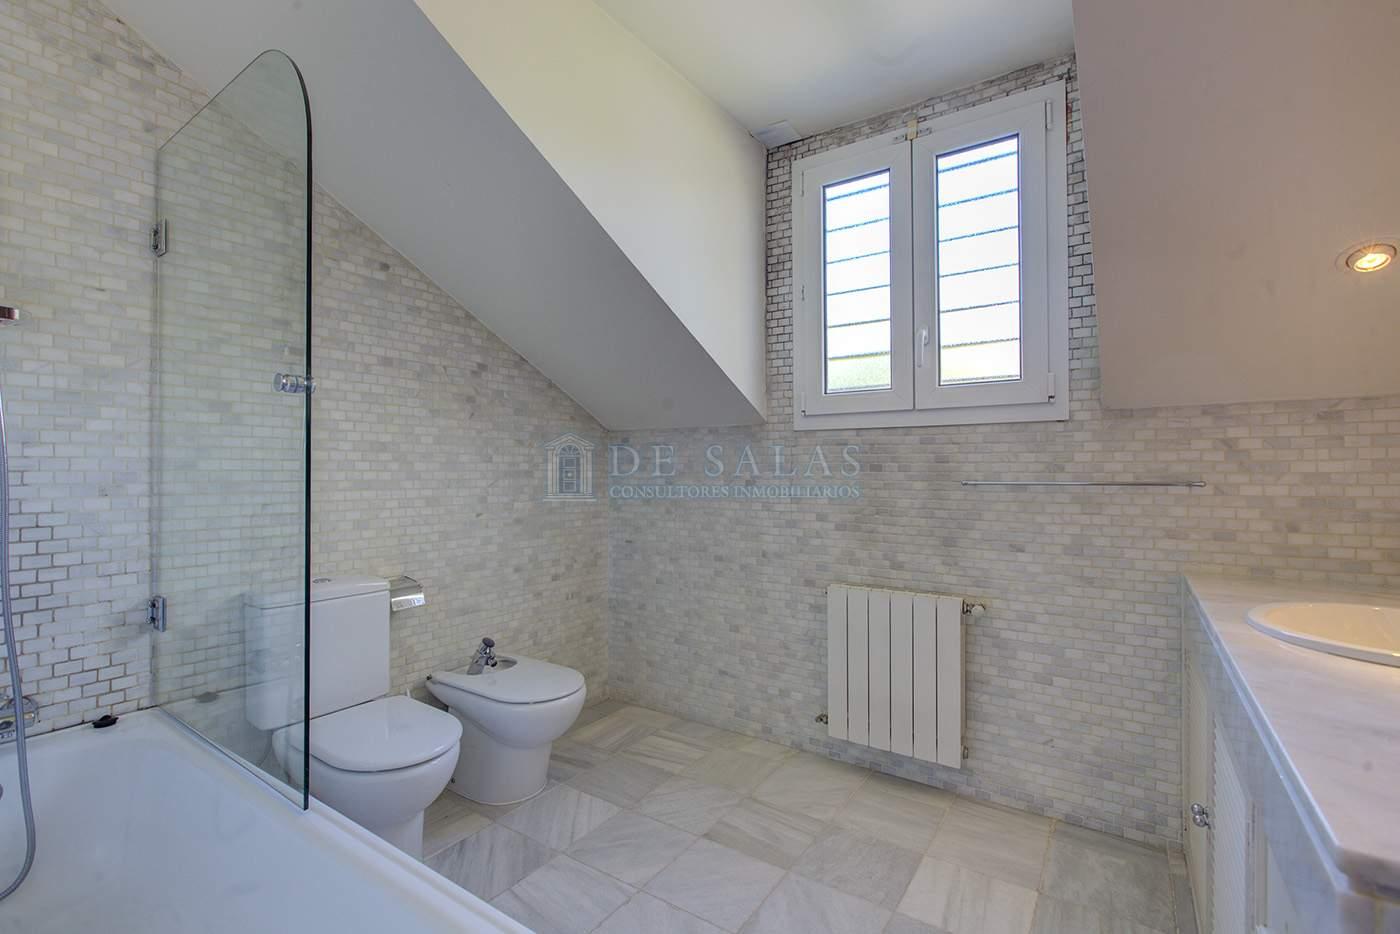 Baño-IMG_9195_6_7 copia